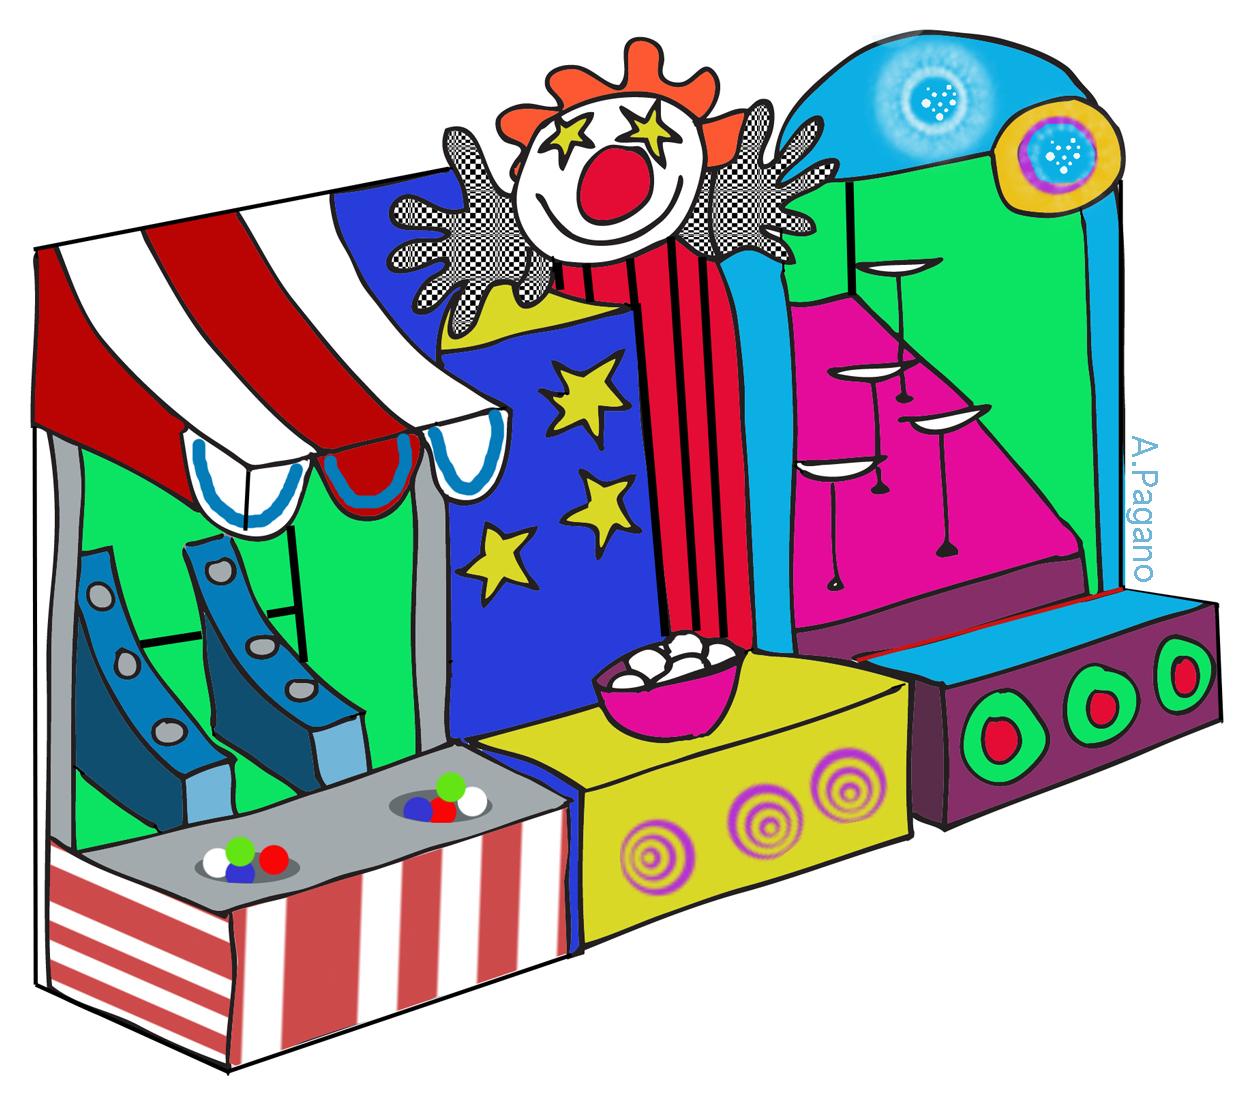 Clip art library . Fair clipart fall festival games